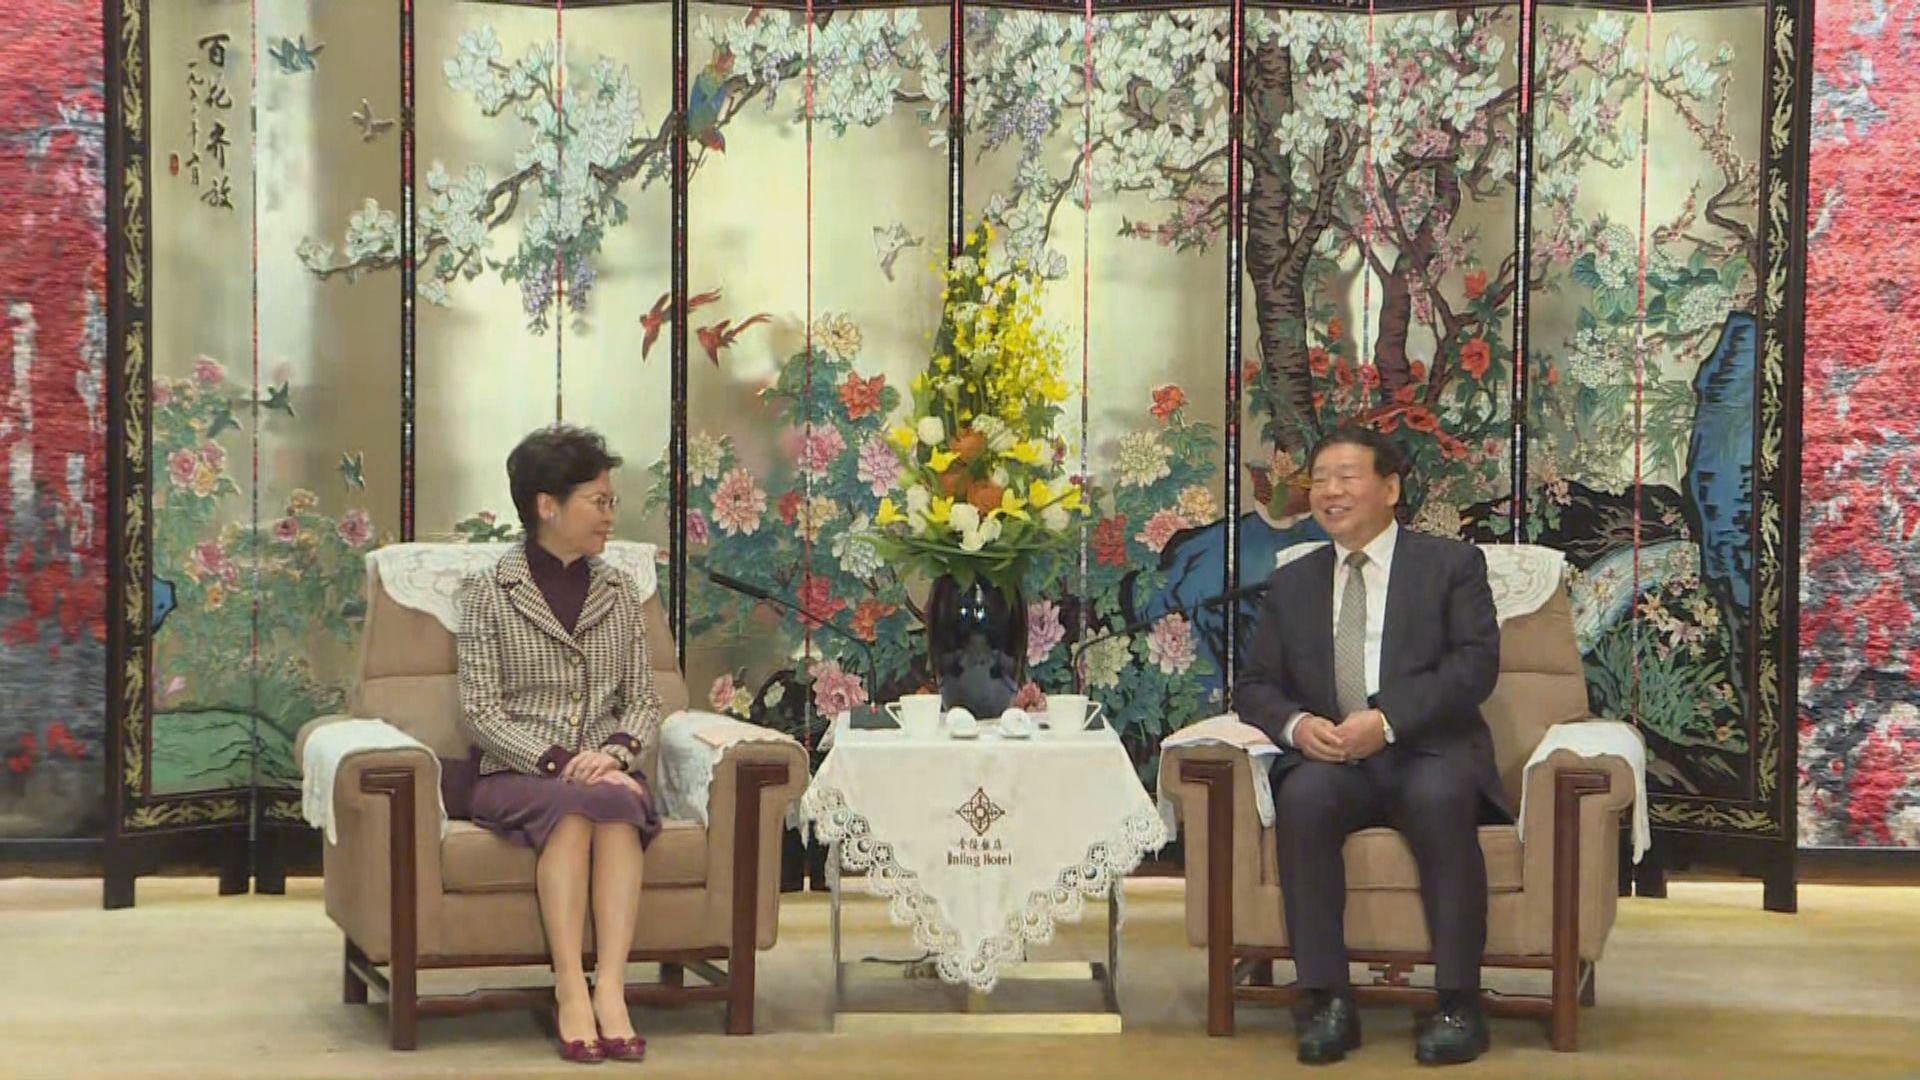 林鄭月娥在南京與江蘇省委書記會面